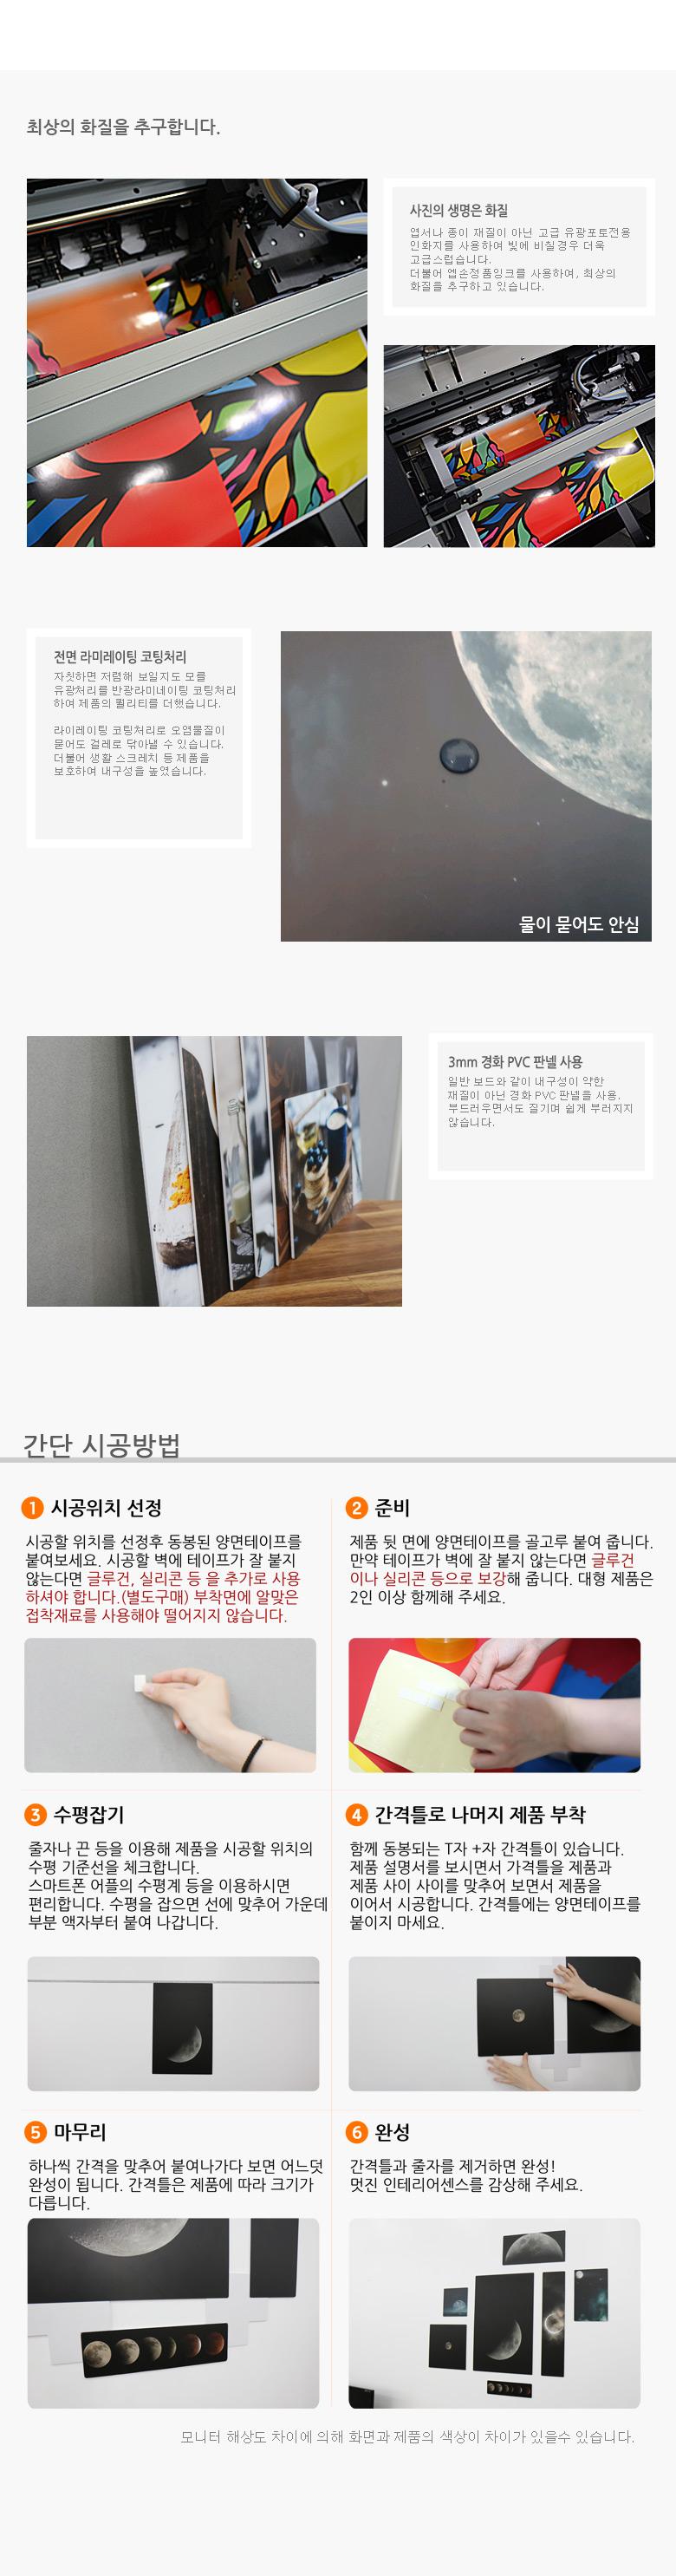 멀티액자_수채화풍경(금문교) - 꾸밈, 74,000원, 홈갤러리, 사진아트